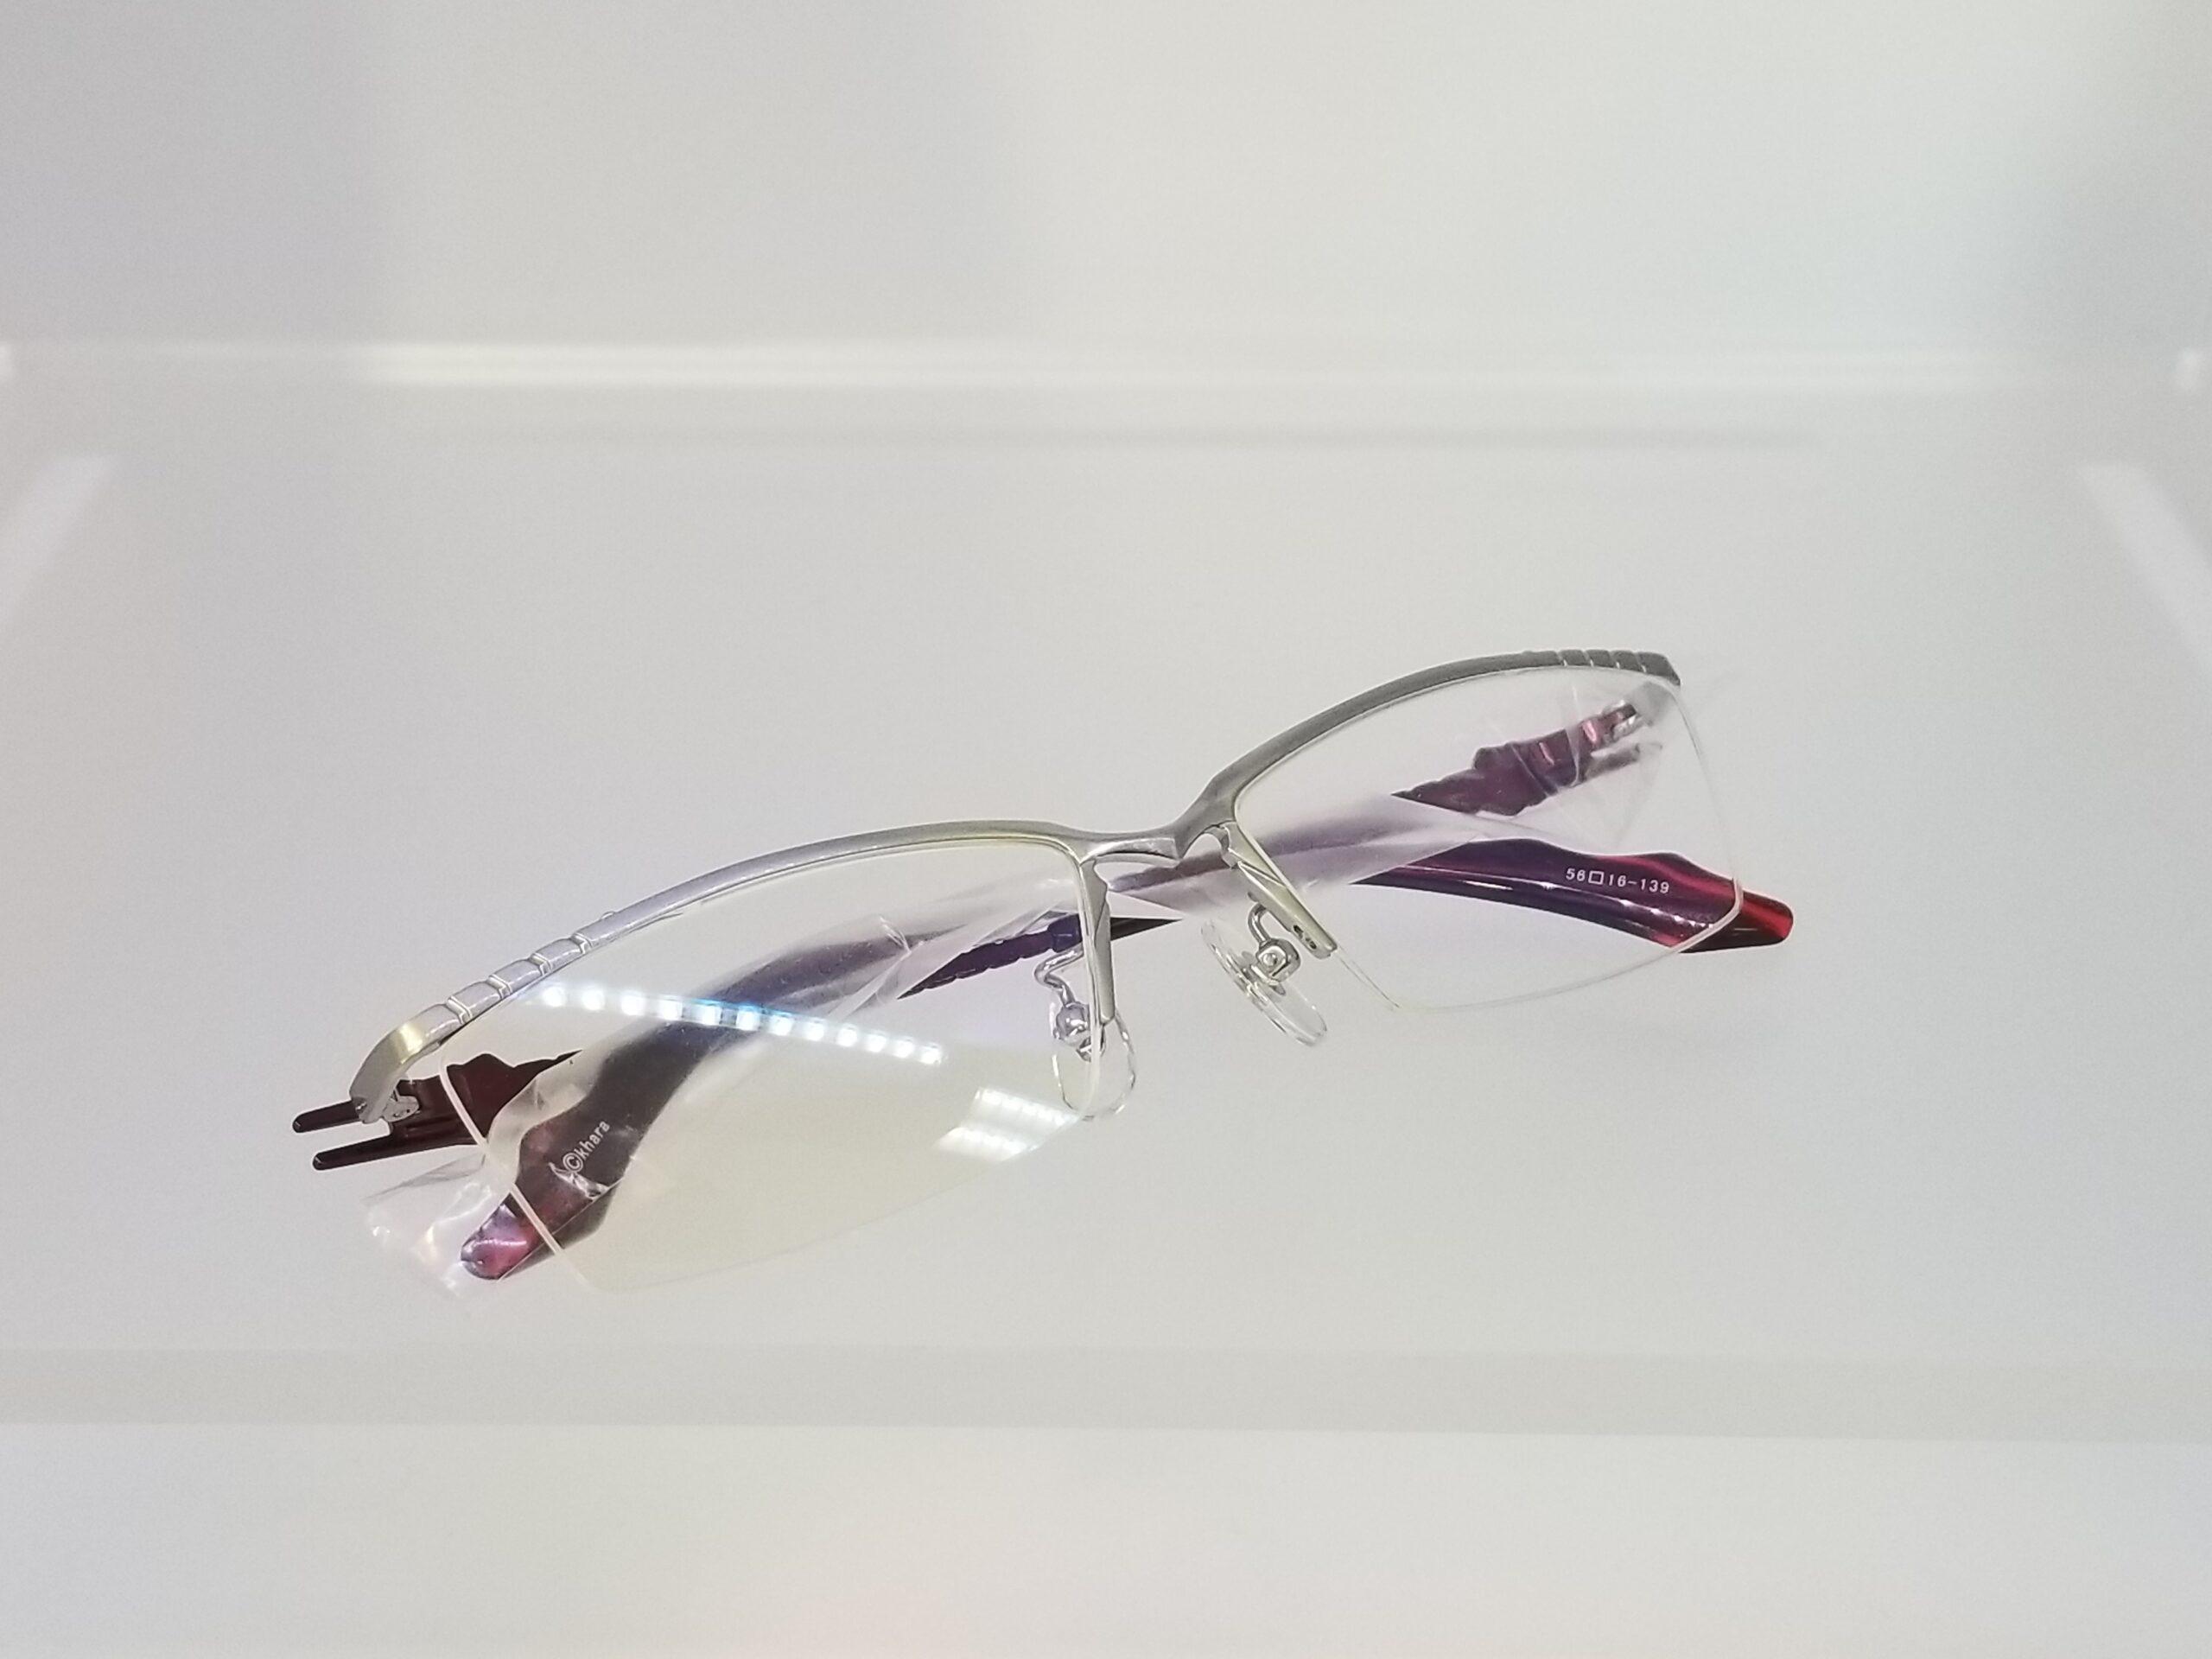 エヴァンゲリオンコラボレーションメガネ ロンギヌスの槍モデルスライド05